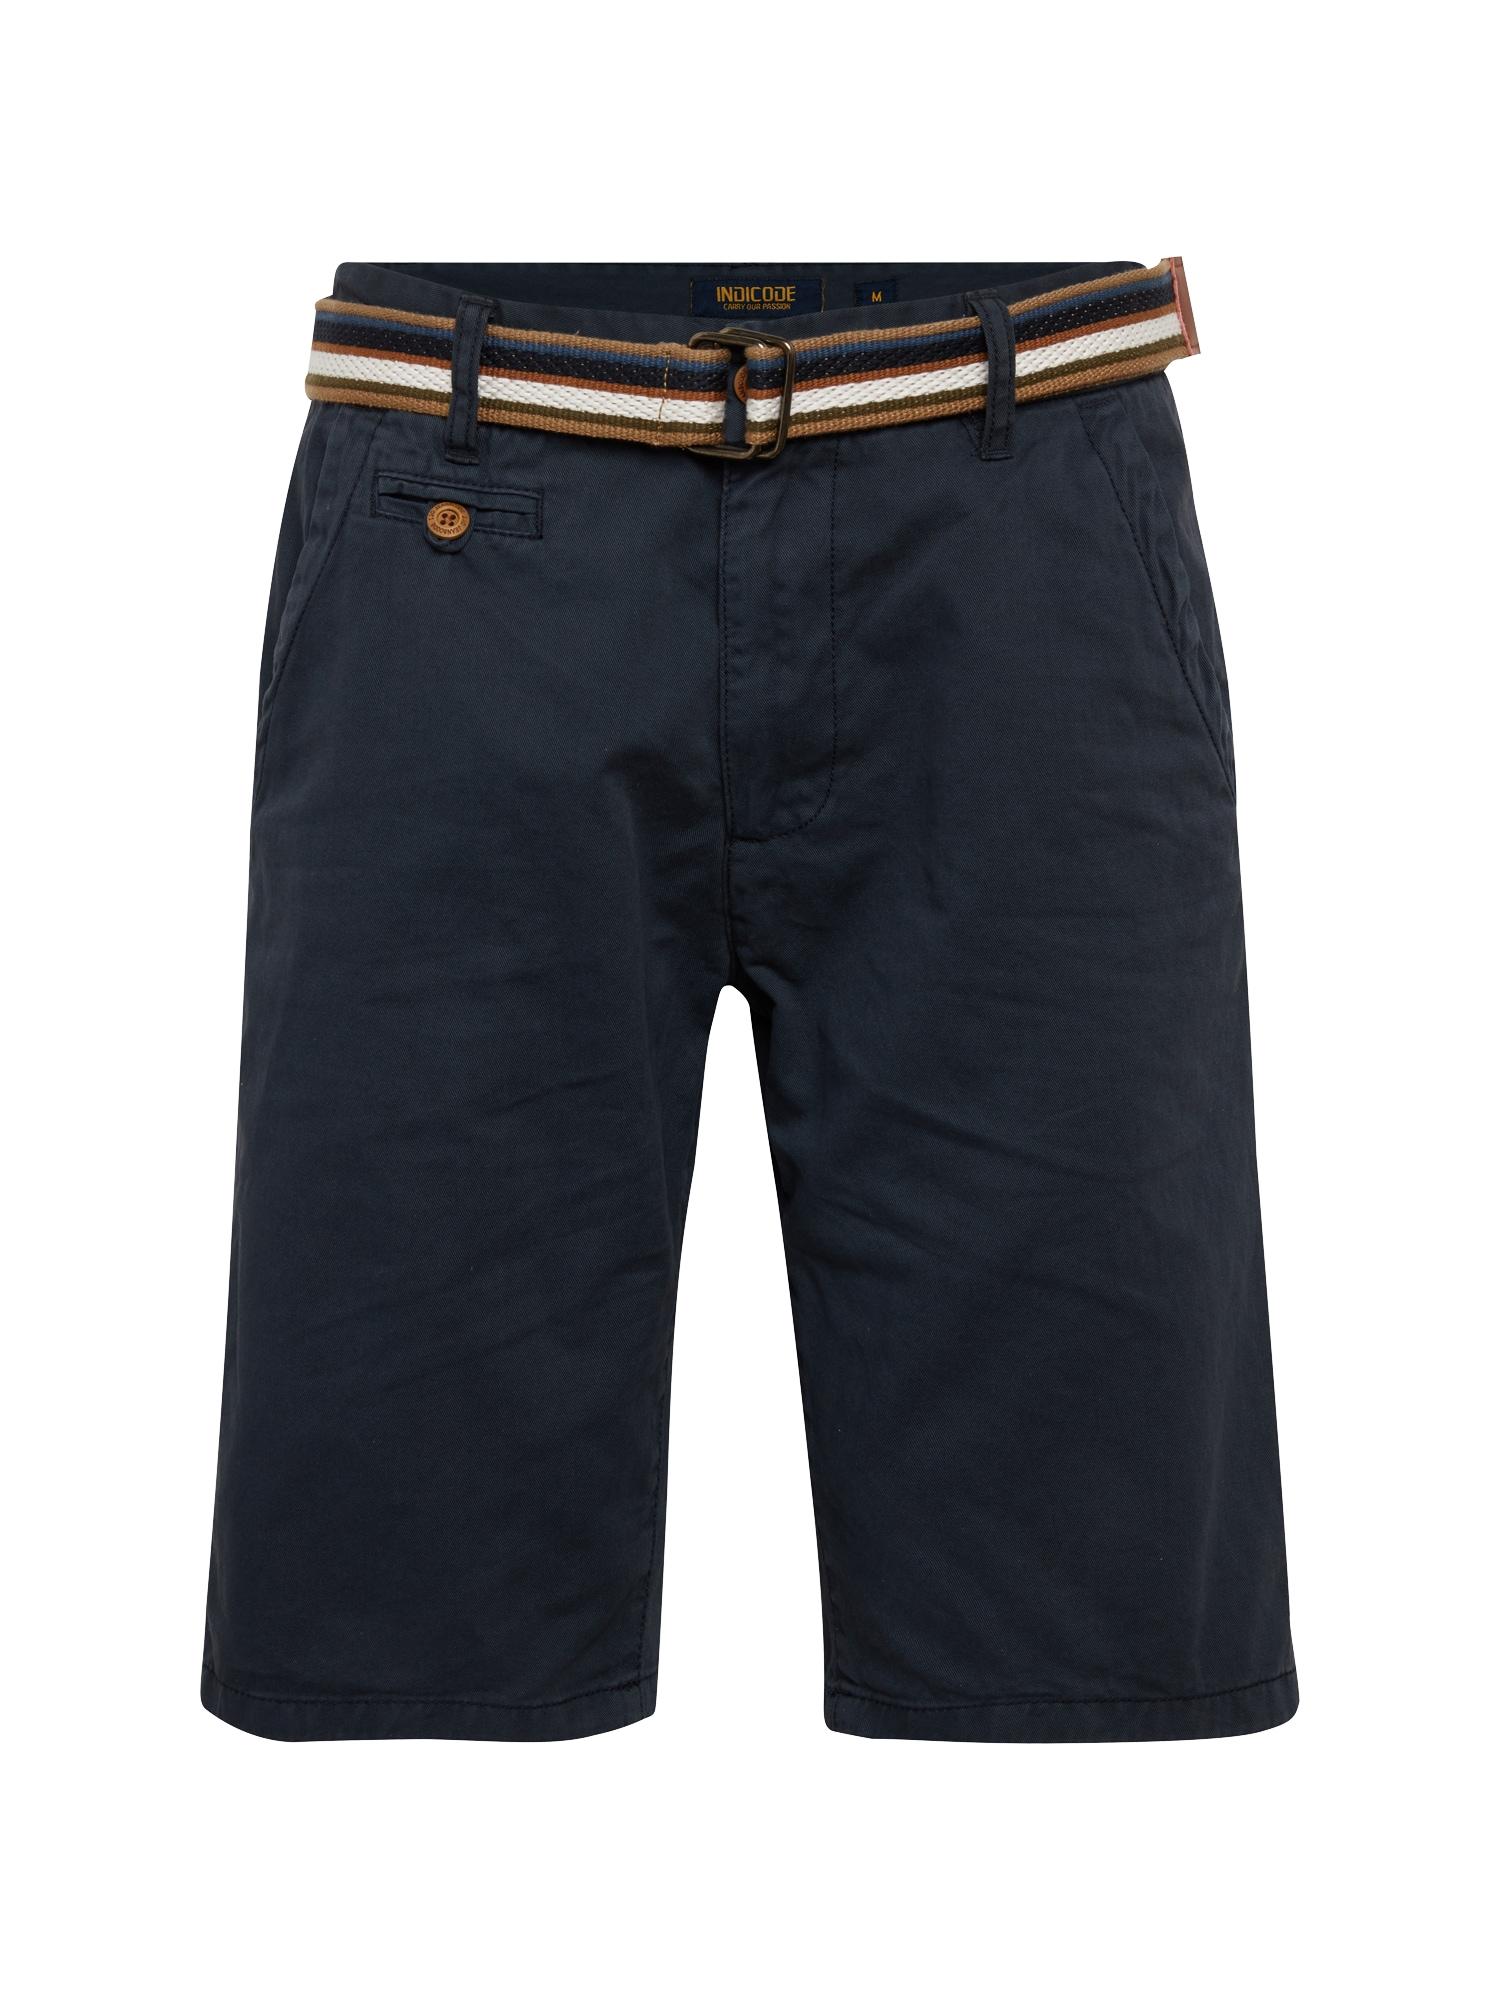 INDICODE JEANS Chino stiliaus kelnės 'Royce' tamsiai mėlyna